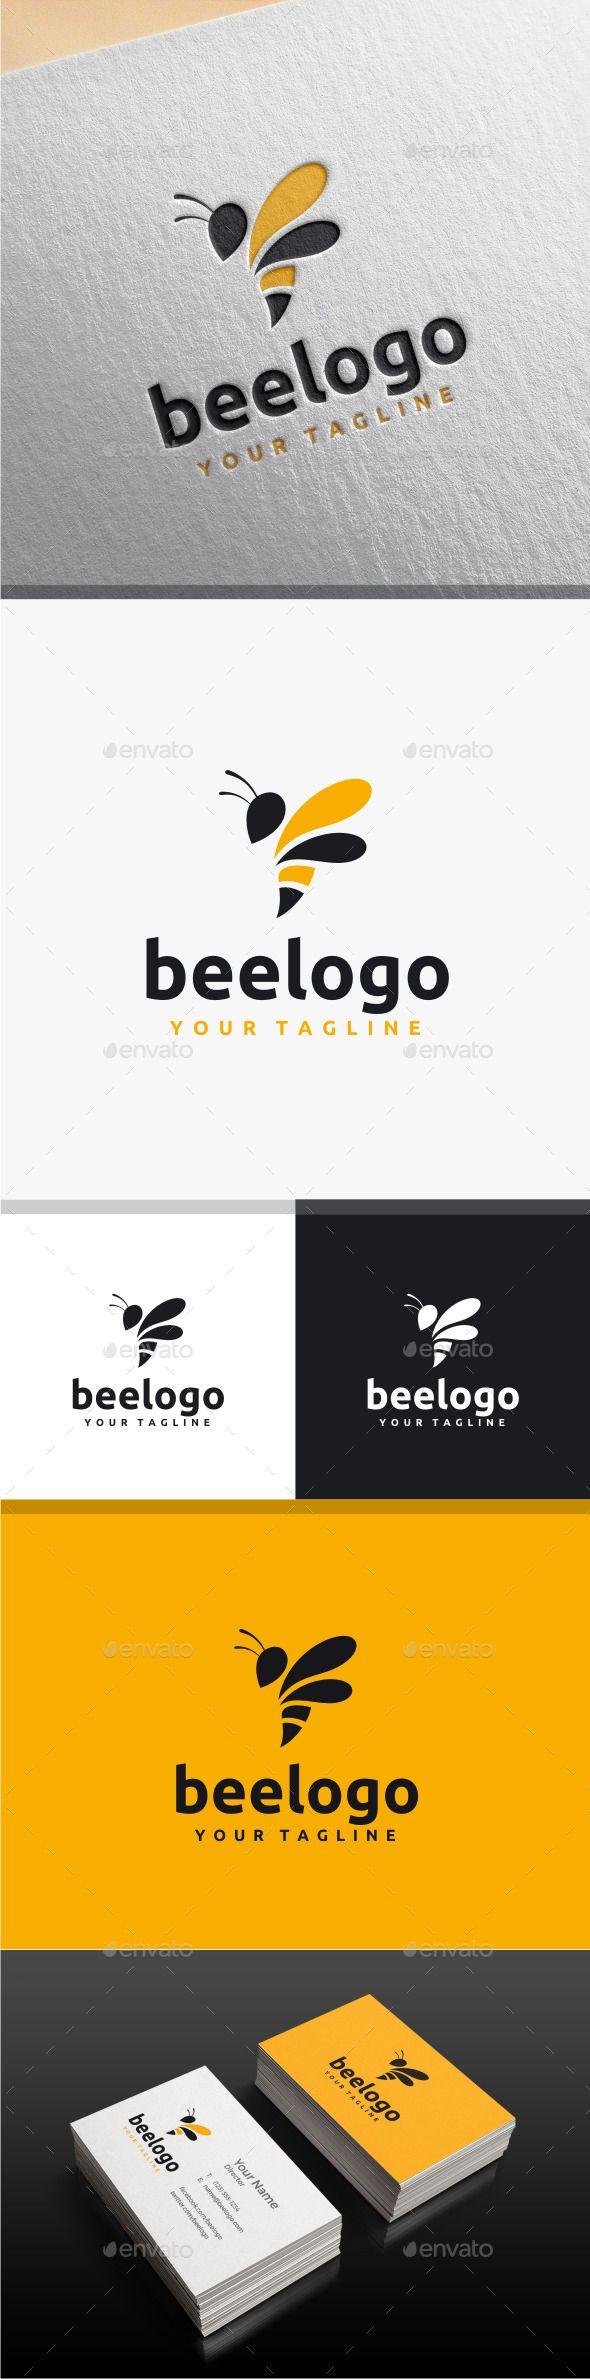 Bee Logo - Animals Logo Templates                                                                                                                                                                                 More